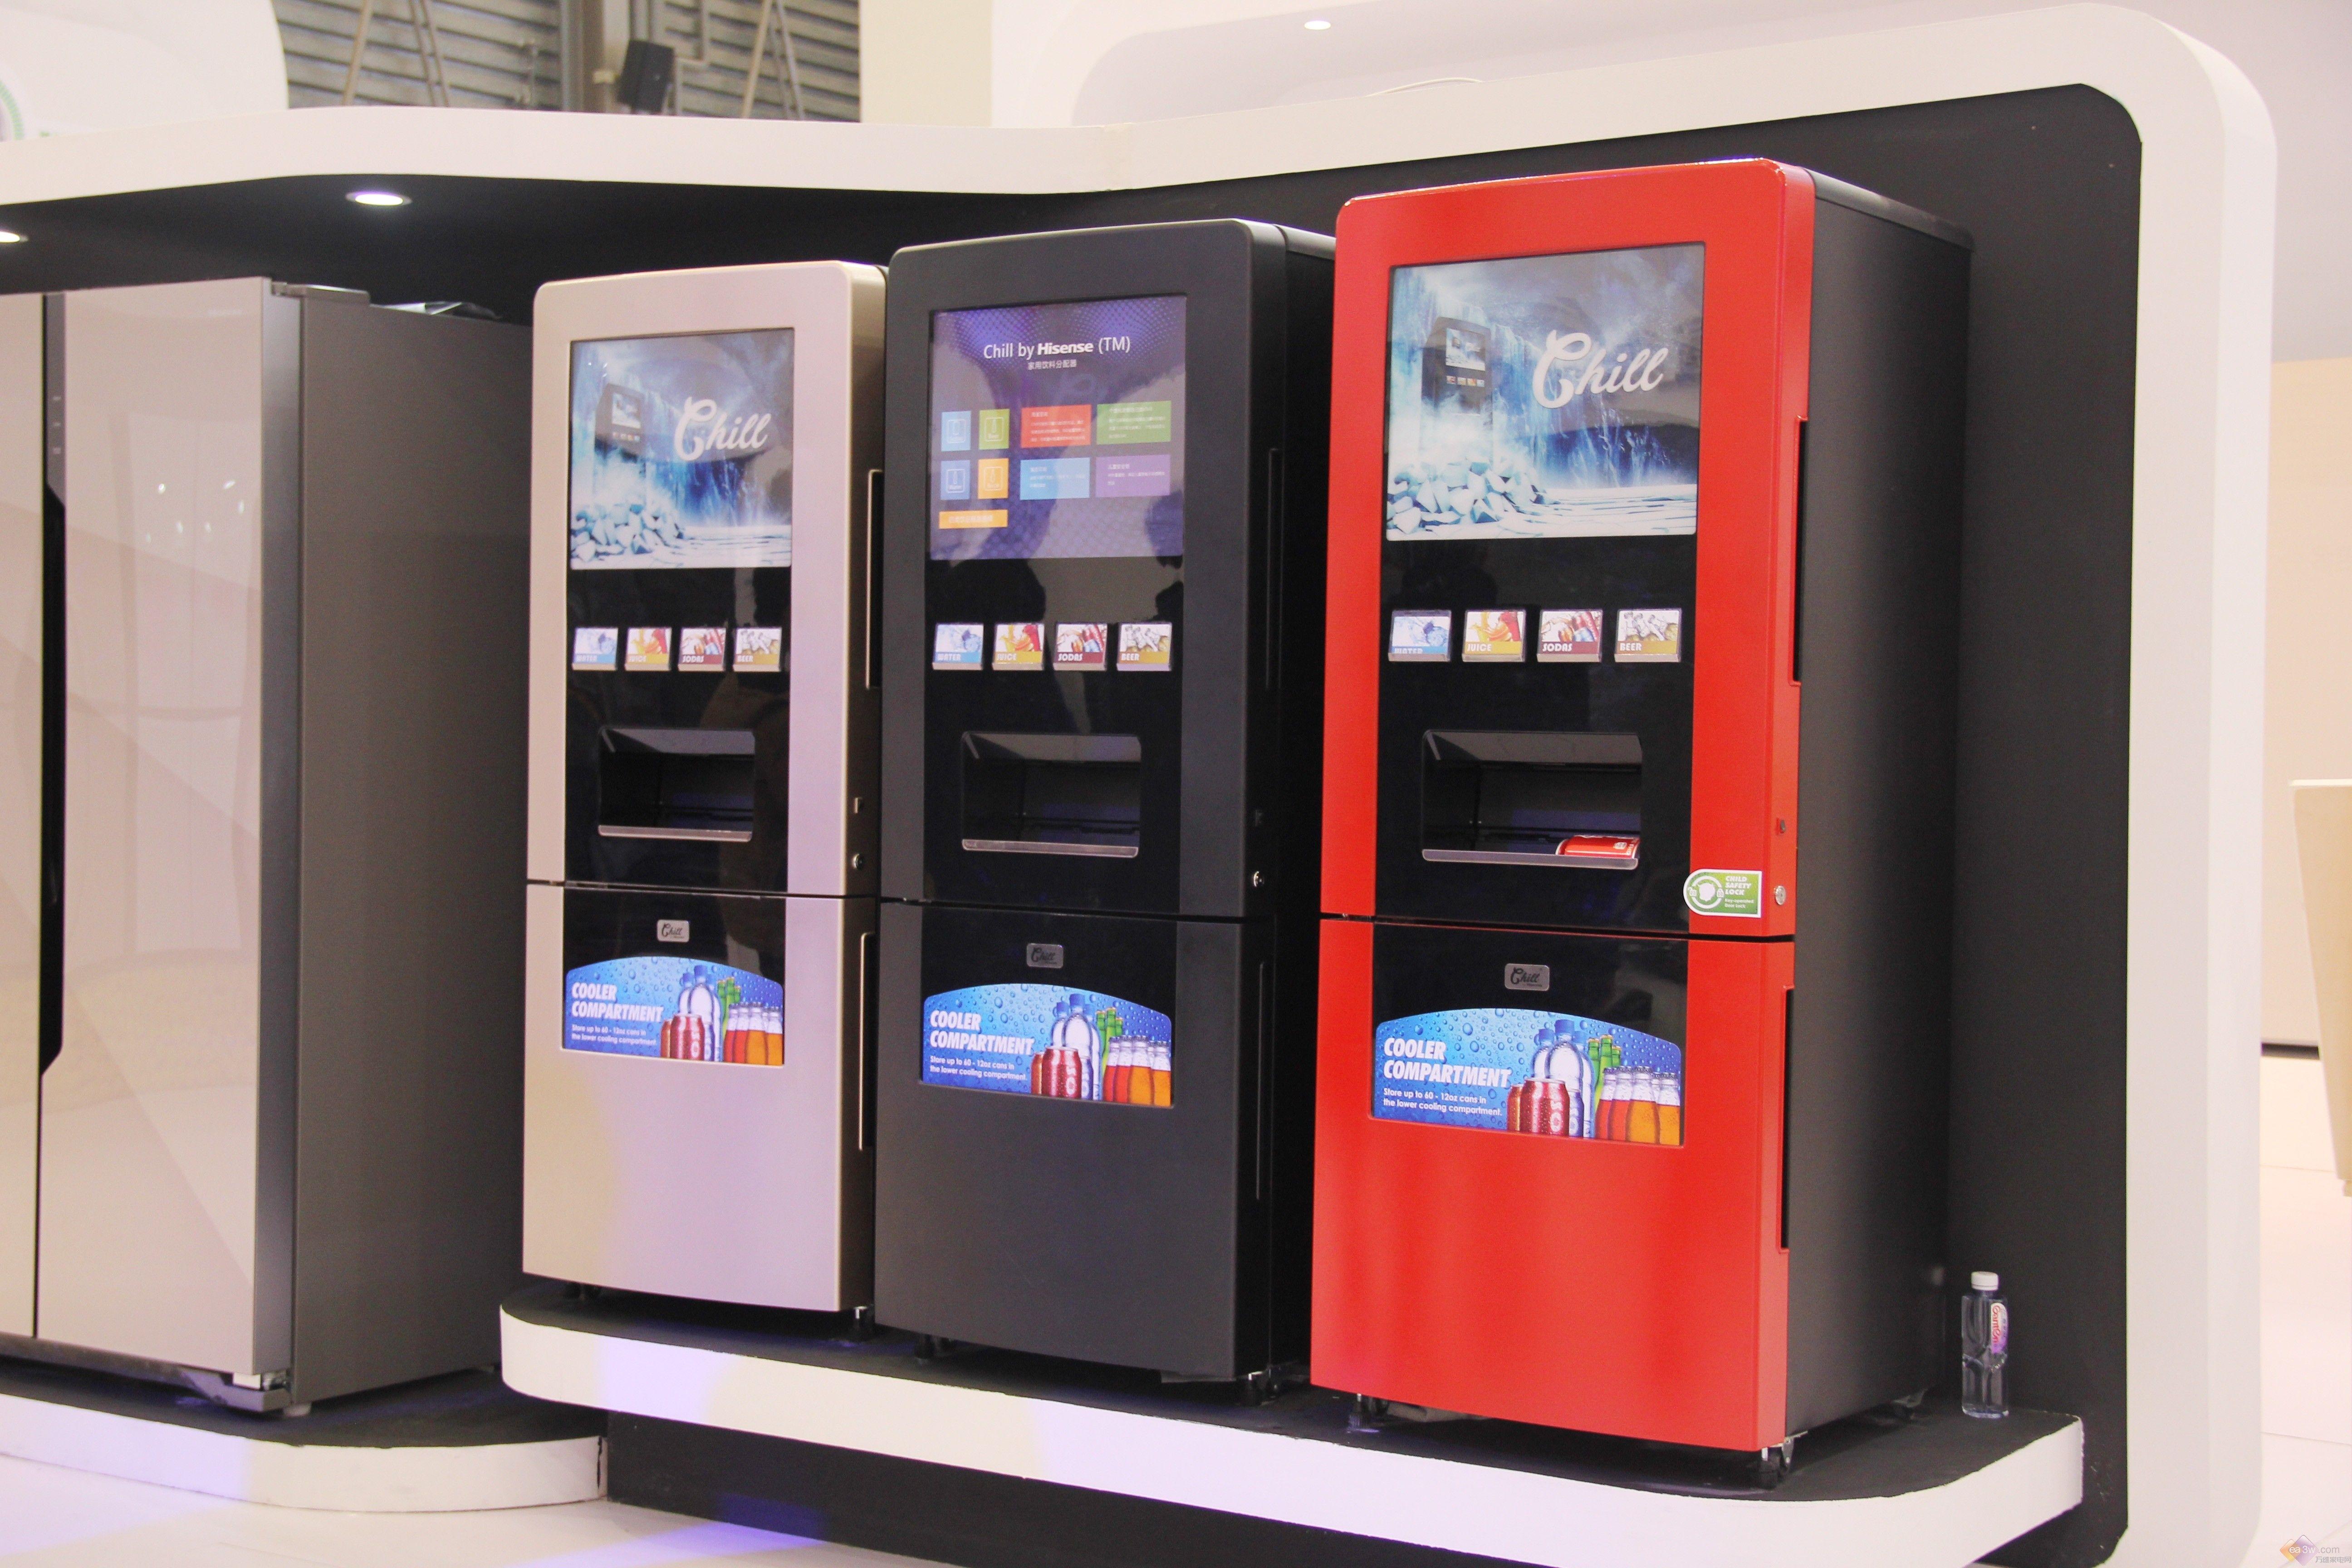 E评测:海信家庭饮料分配器随时提供饮品